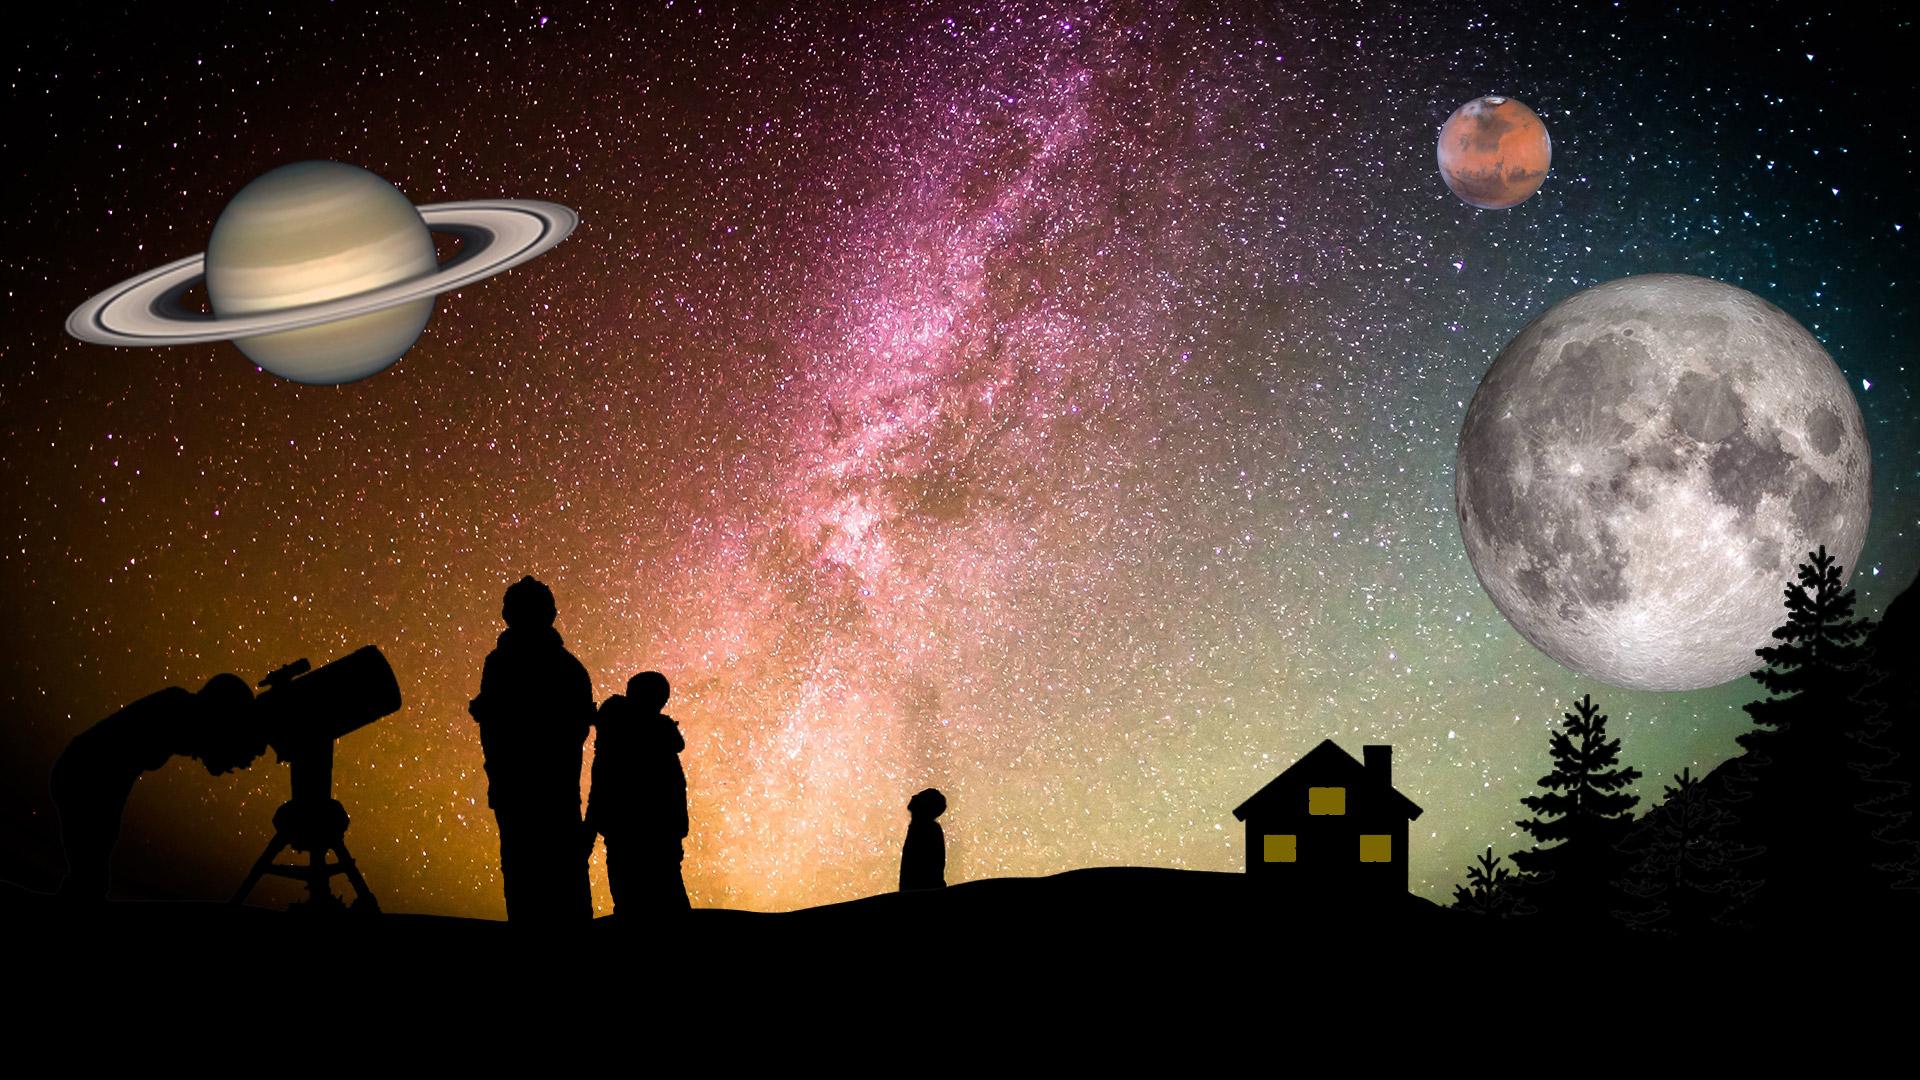 night sky 2020